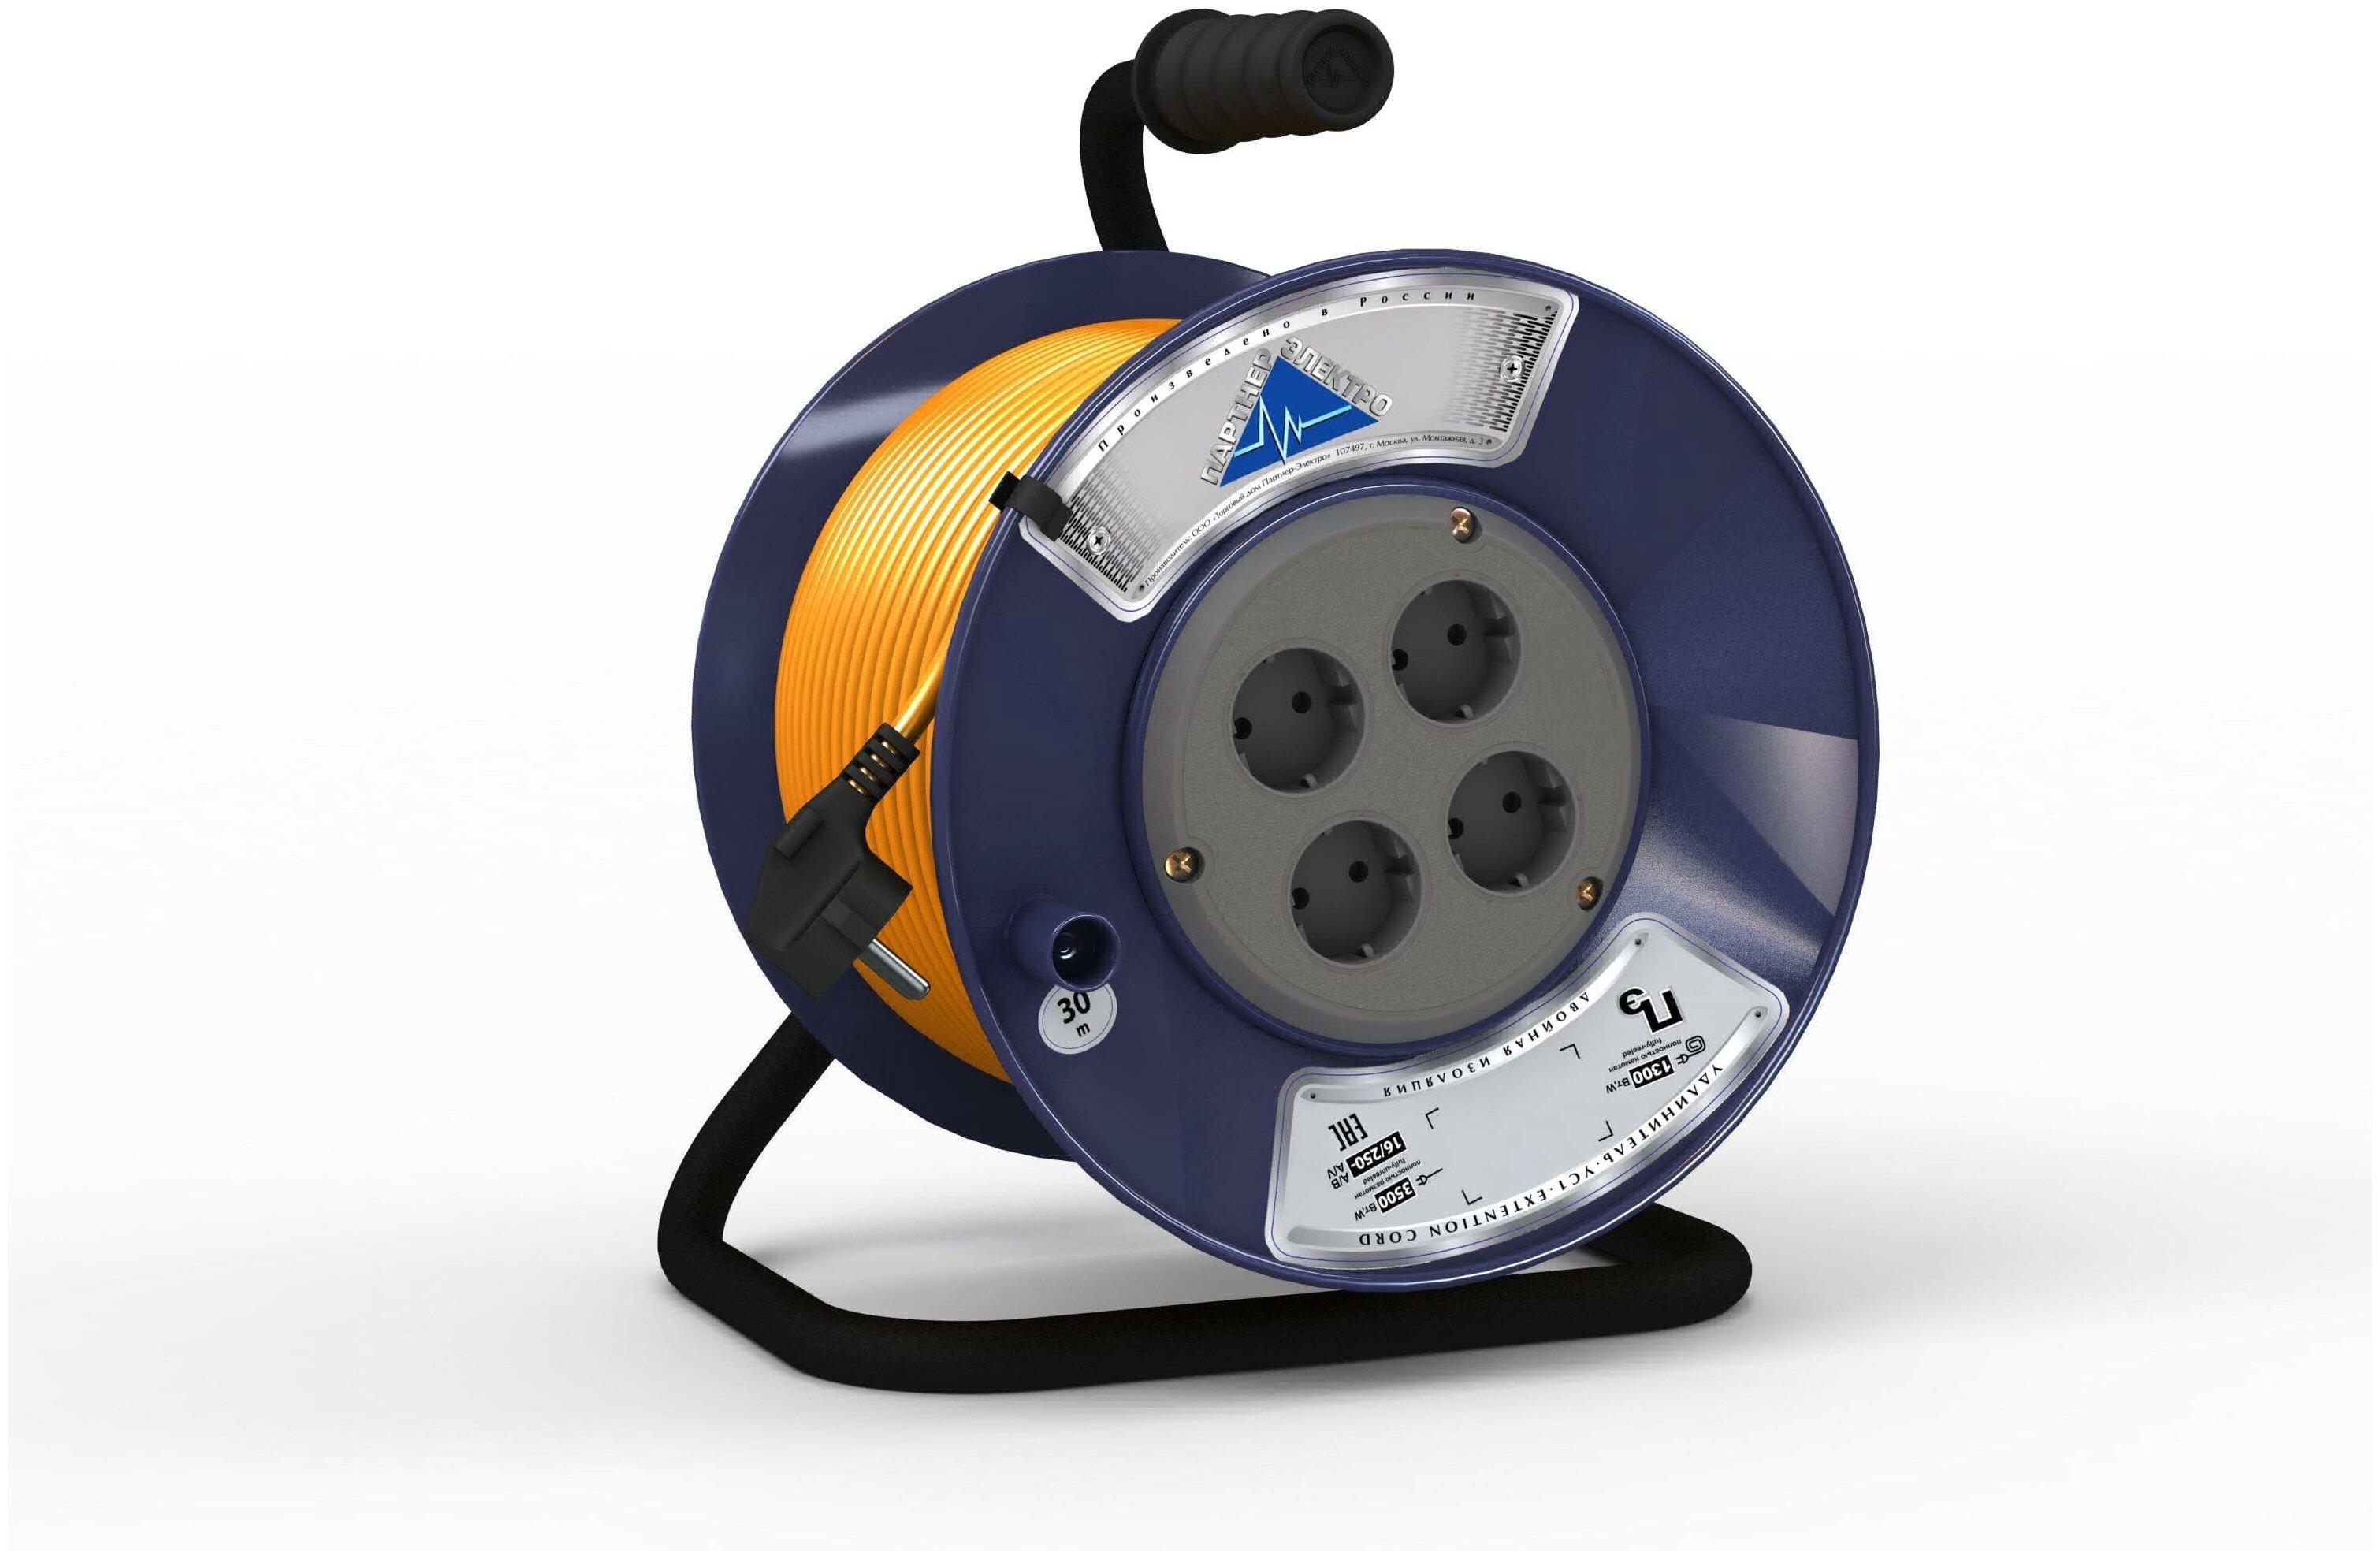 Удлинитель партнер-электро УТ-012073 ПВС 2х0.75 — купить по выгодной цене на Яндекс.Маркете